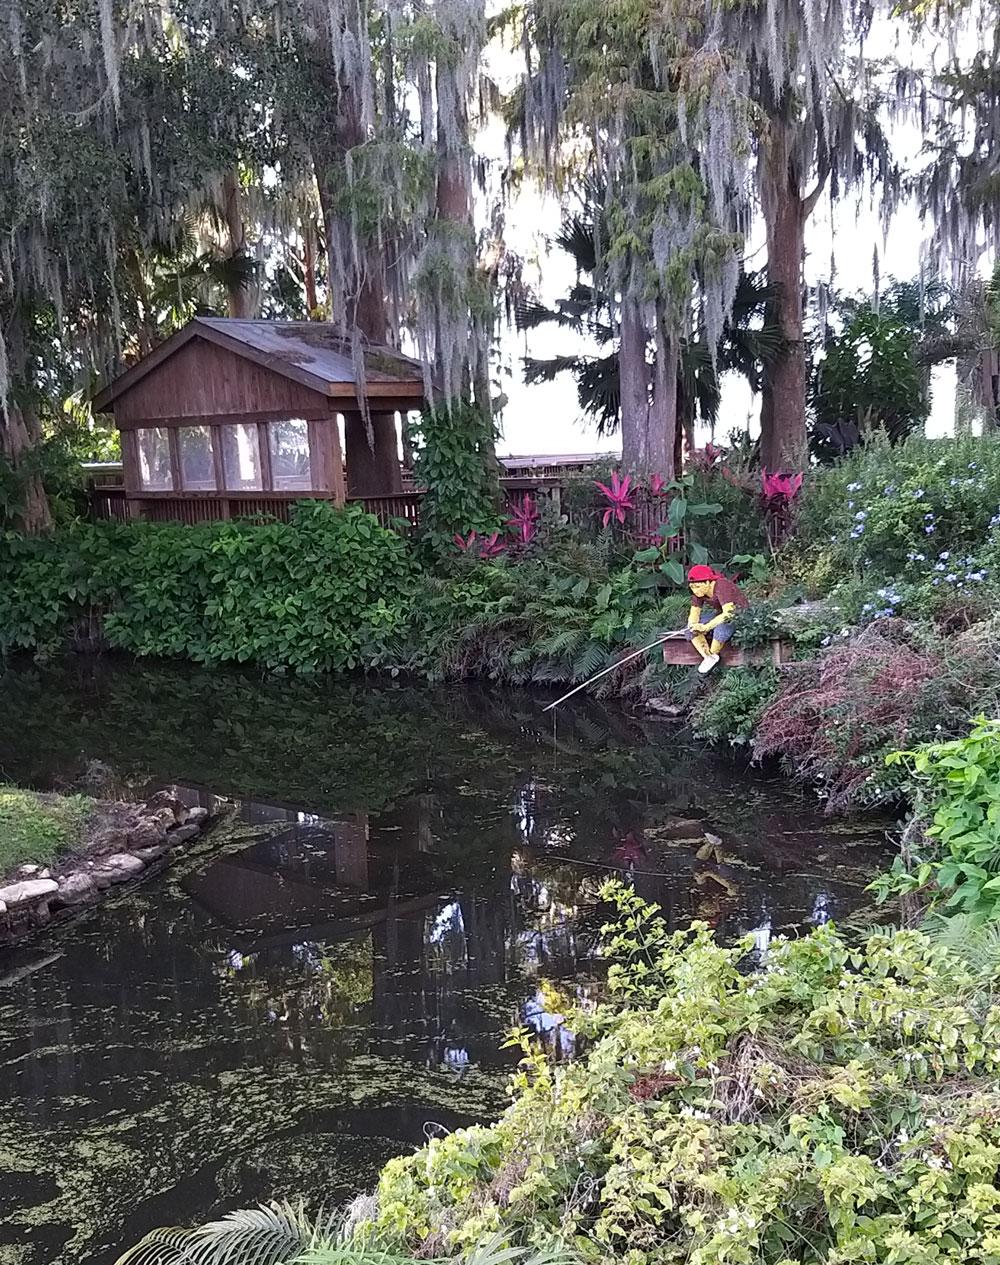 hotel de Legoland Lego Florida áreas verdes